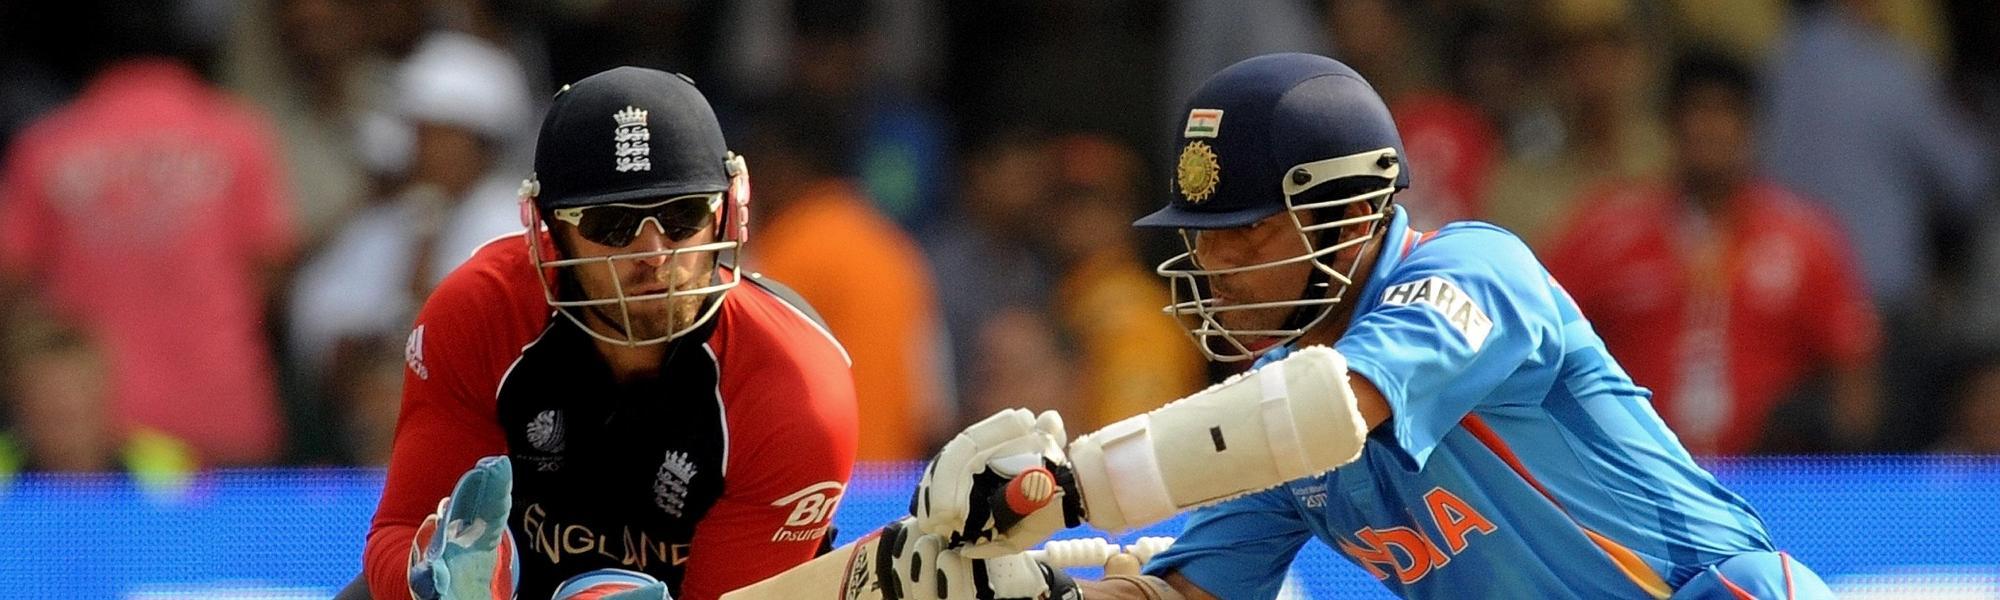 England v India ODIs